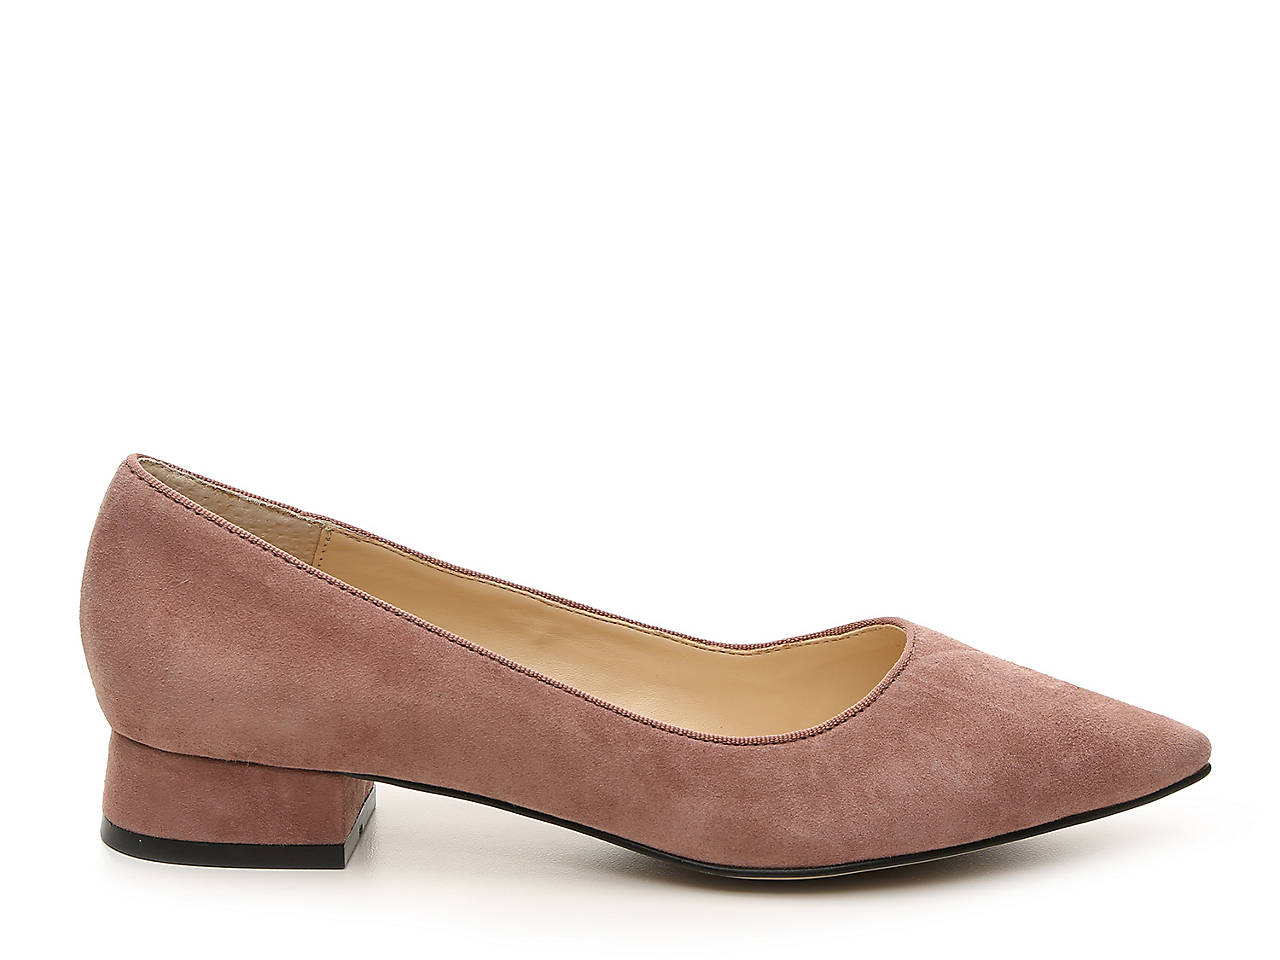 492b63d5706f Adrienne Vittadini Falla Pump Women s Shoes